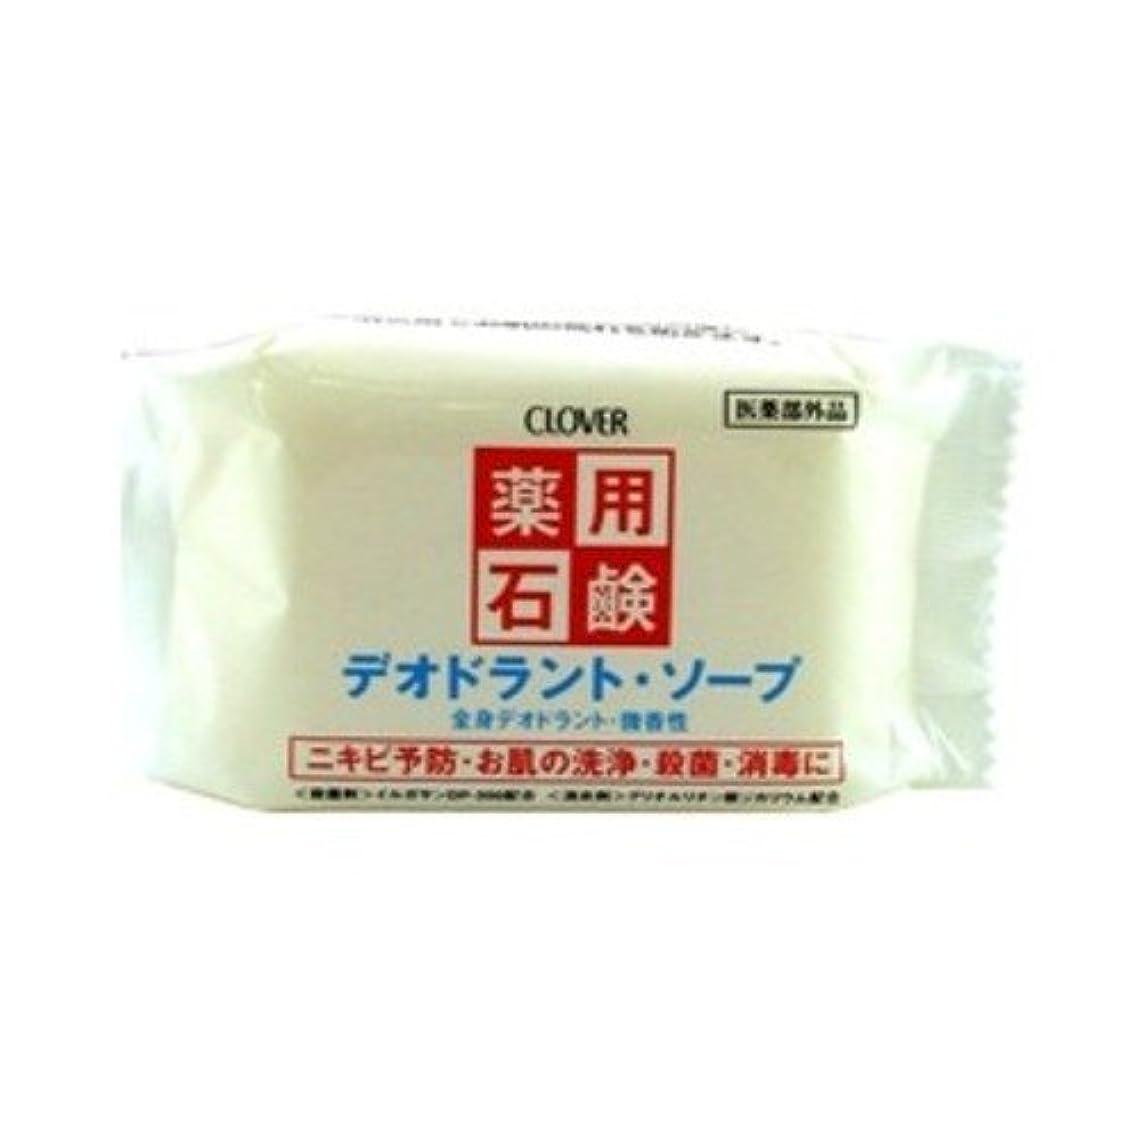 レンチシャワー剃るクロバー 薬用デオドラント ソープ 90g